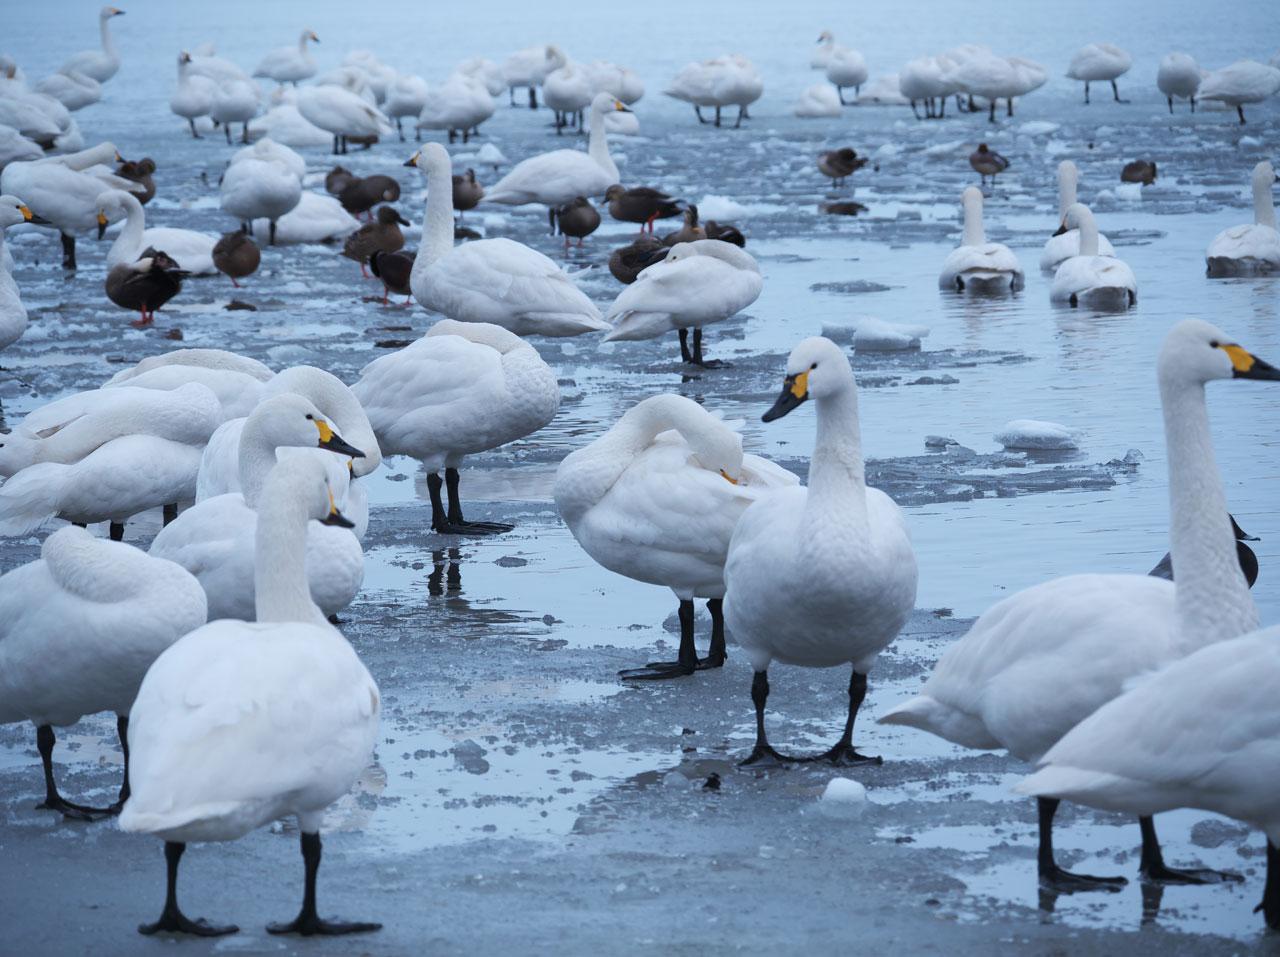 冬の瓢湖4:LUMIX DMC-G99+LEICA DG VARIO-ELMAR 100-400mm/F4.0-6.3